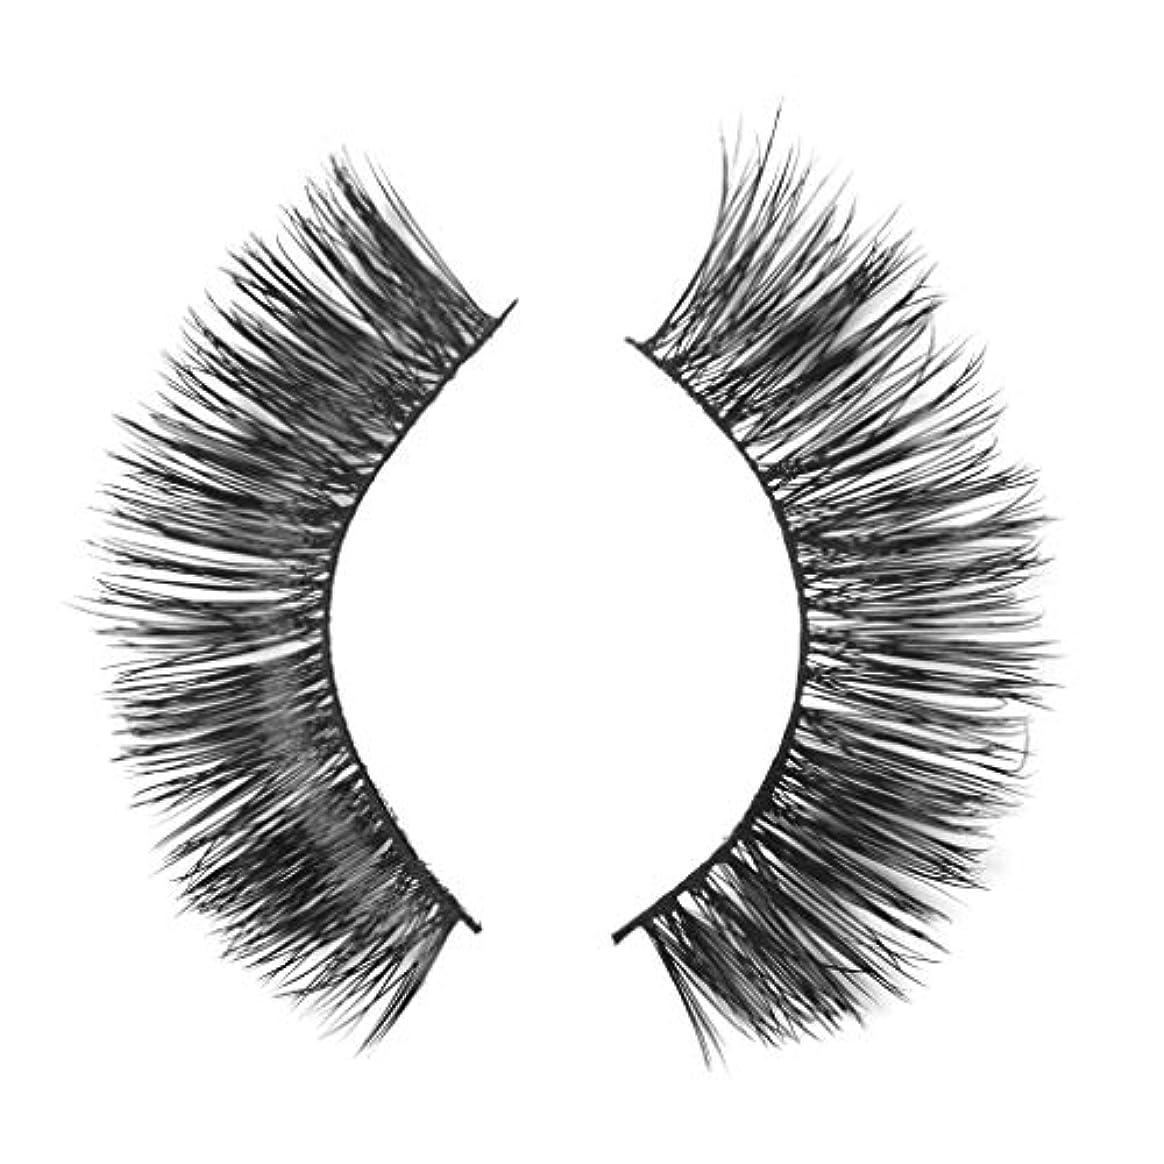 割り込みアシスト長椅子ミンクの毛の自然な厚くなる化粧品の3D版のための一組のまつげ